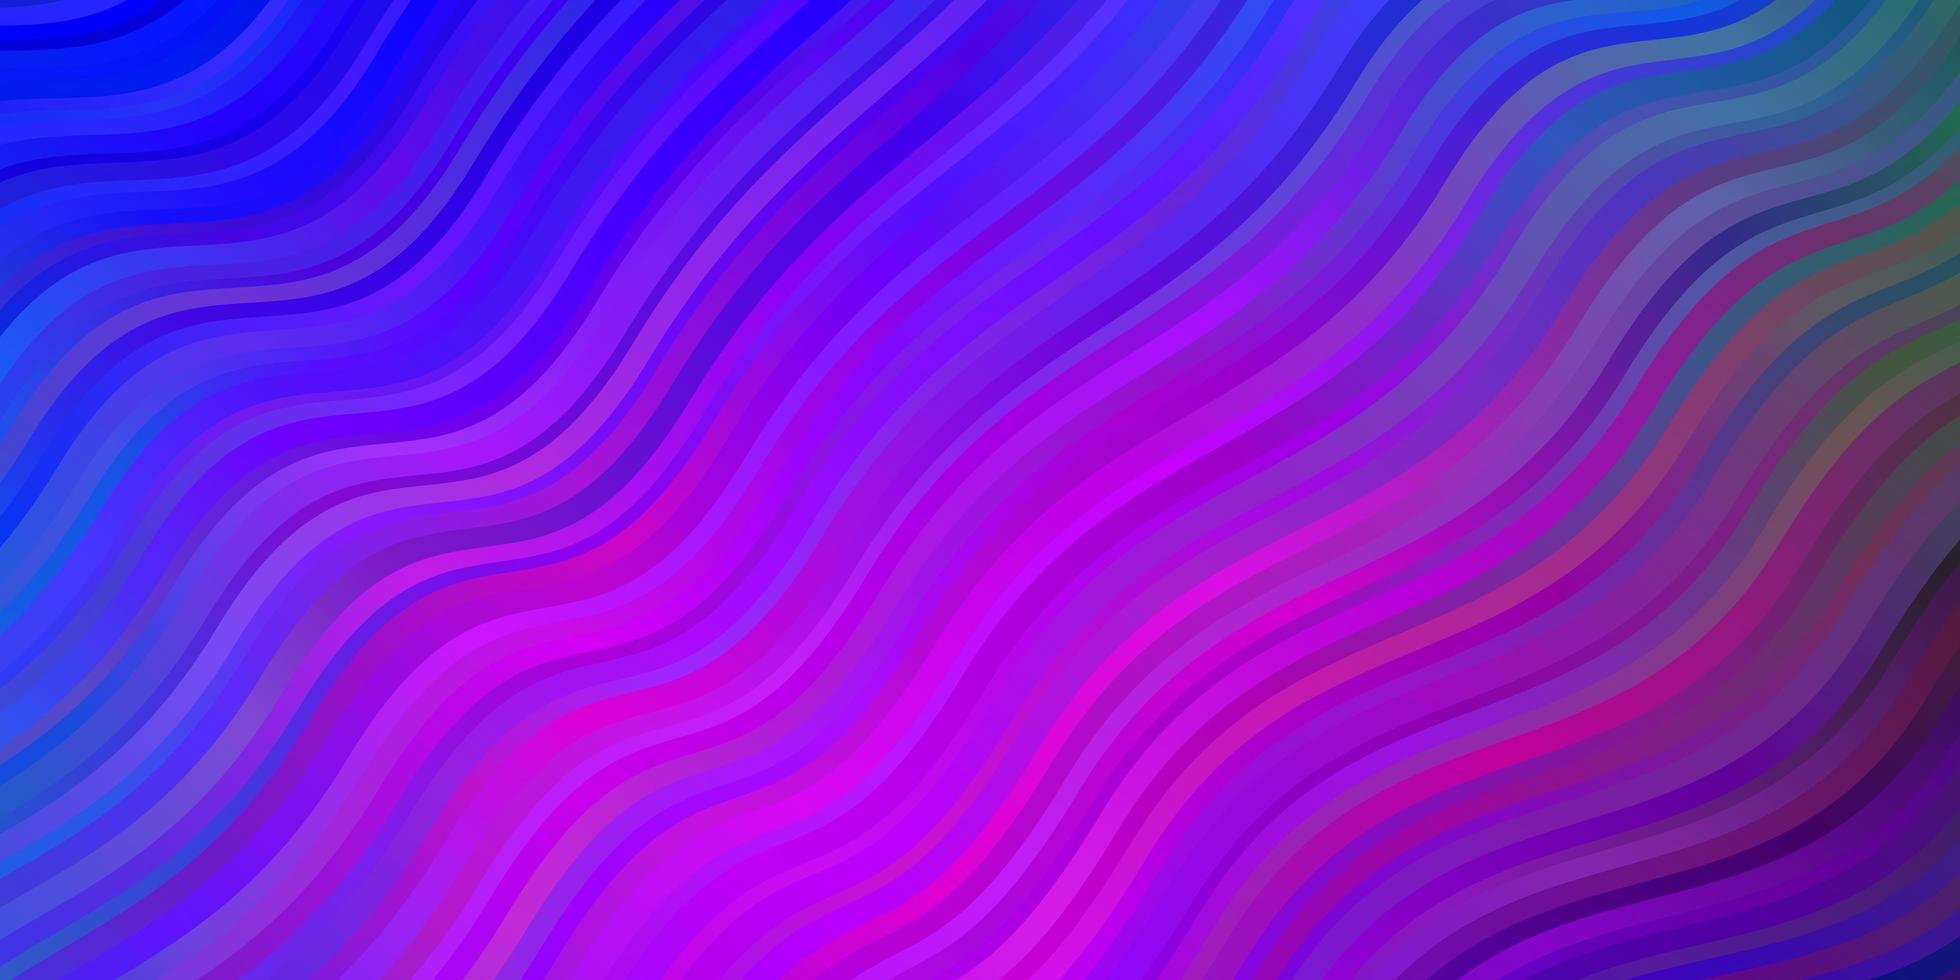 dunkelrosa, blaues Vektormuster mit Linien. vektor